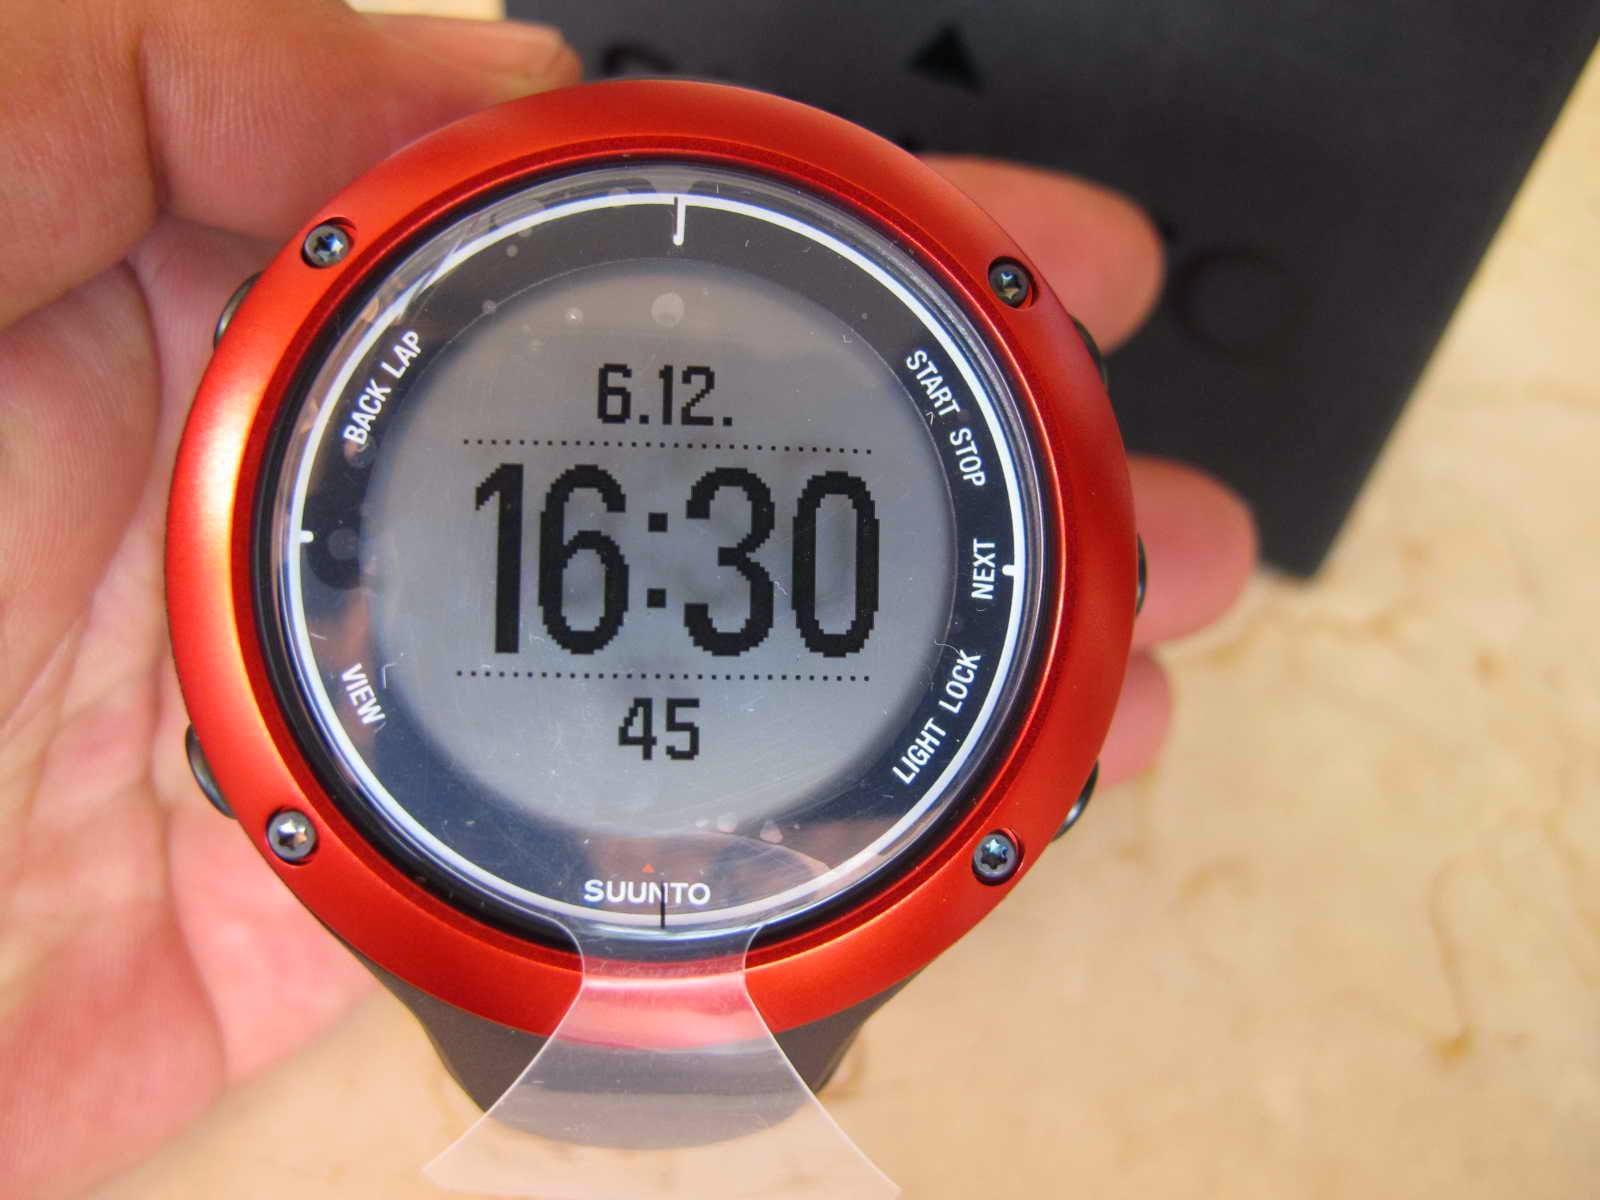 Cocok untuk Anda yang sedang mencari jam tangan dengan banyak fitur dengan harga yang terjangkau dibandingkan lainnya